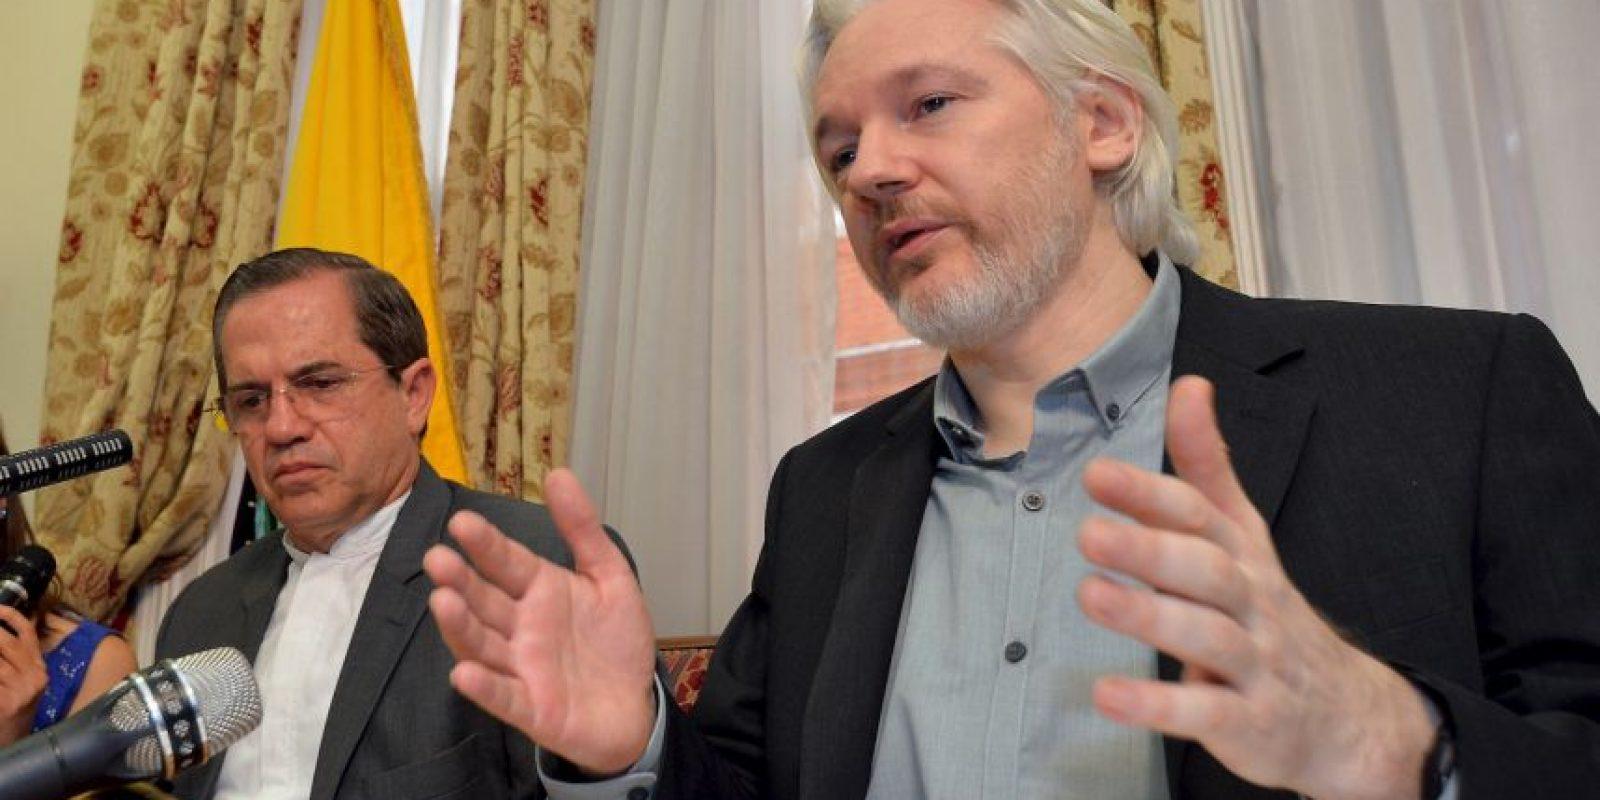 El máximo temor de Assange es ser extraditado a Estados Unidos Foto:Getty Images